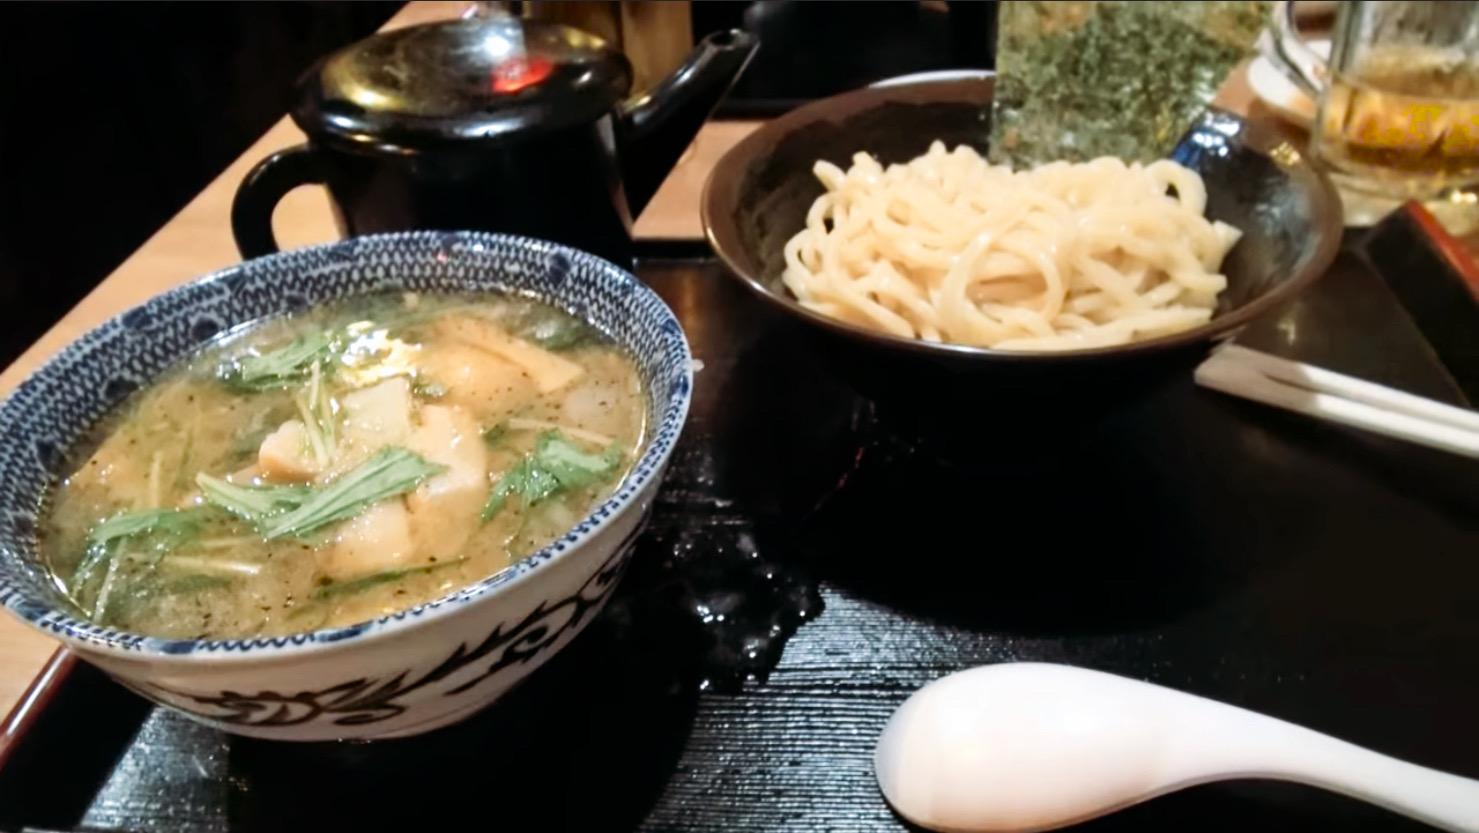 【めん屋 桔梗 新宿店】塩つけ麺 (東京都新宿区西新宿) 第187回